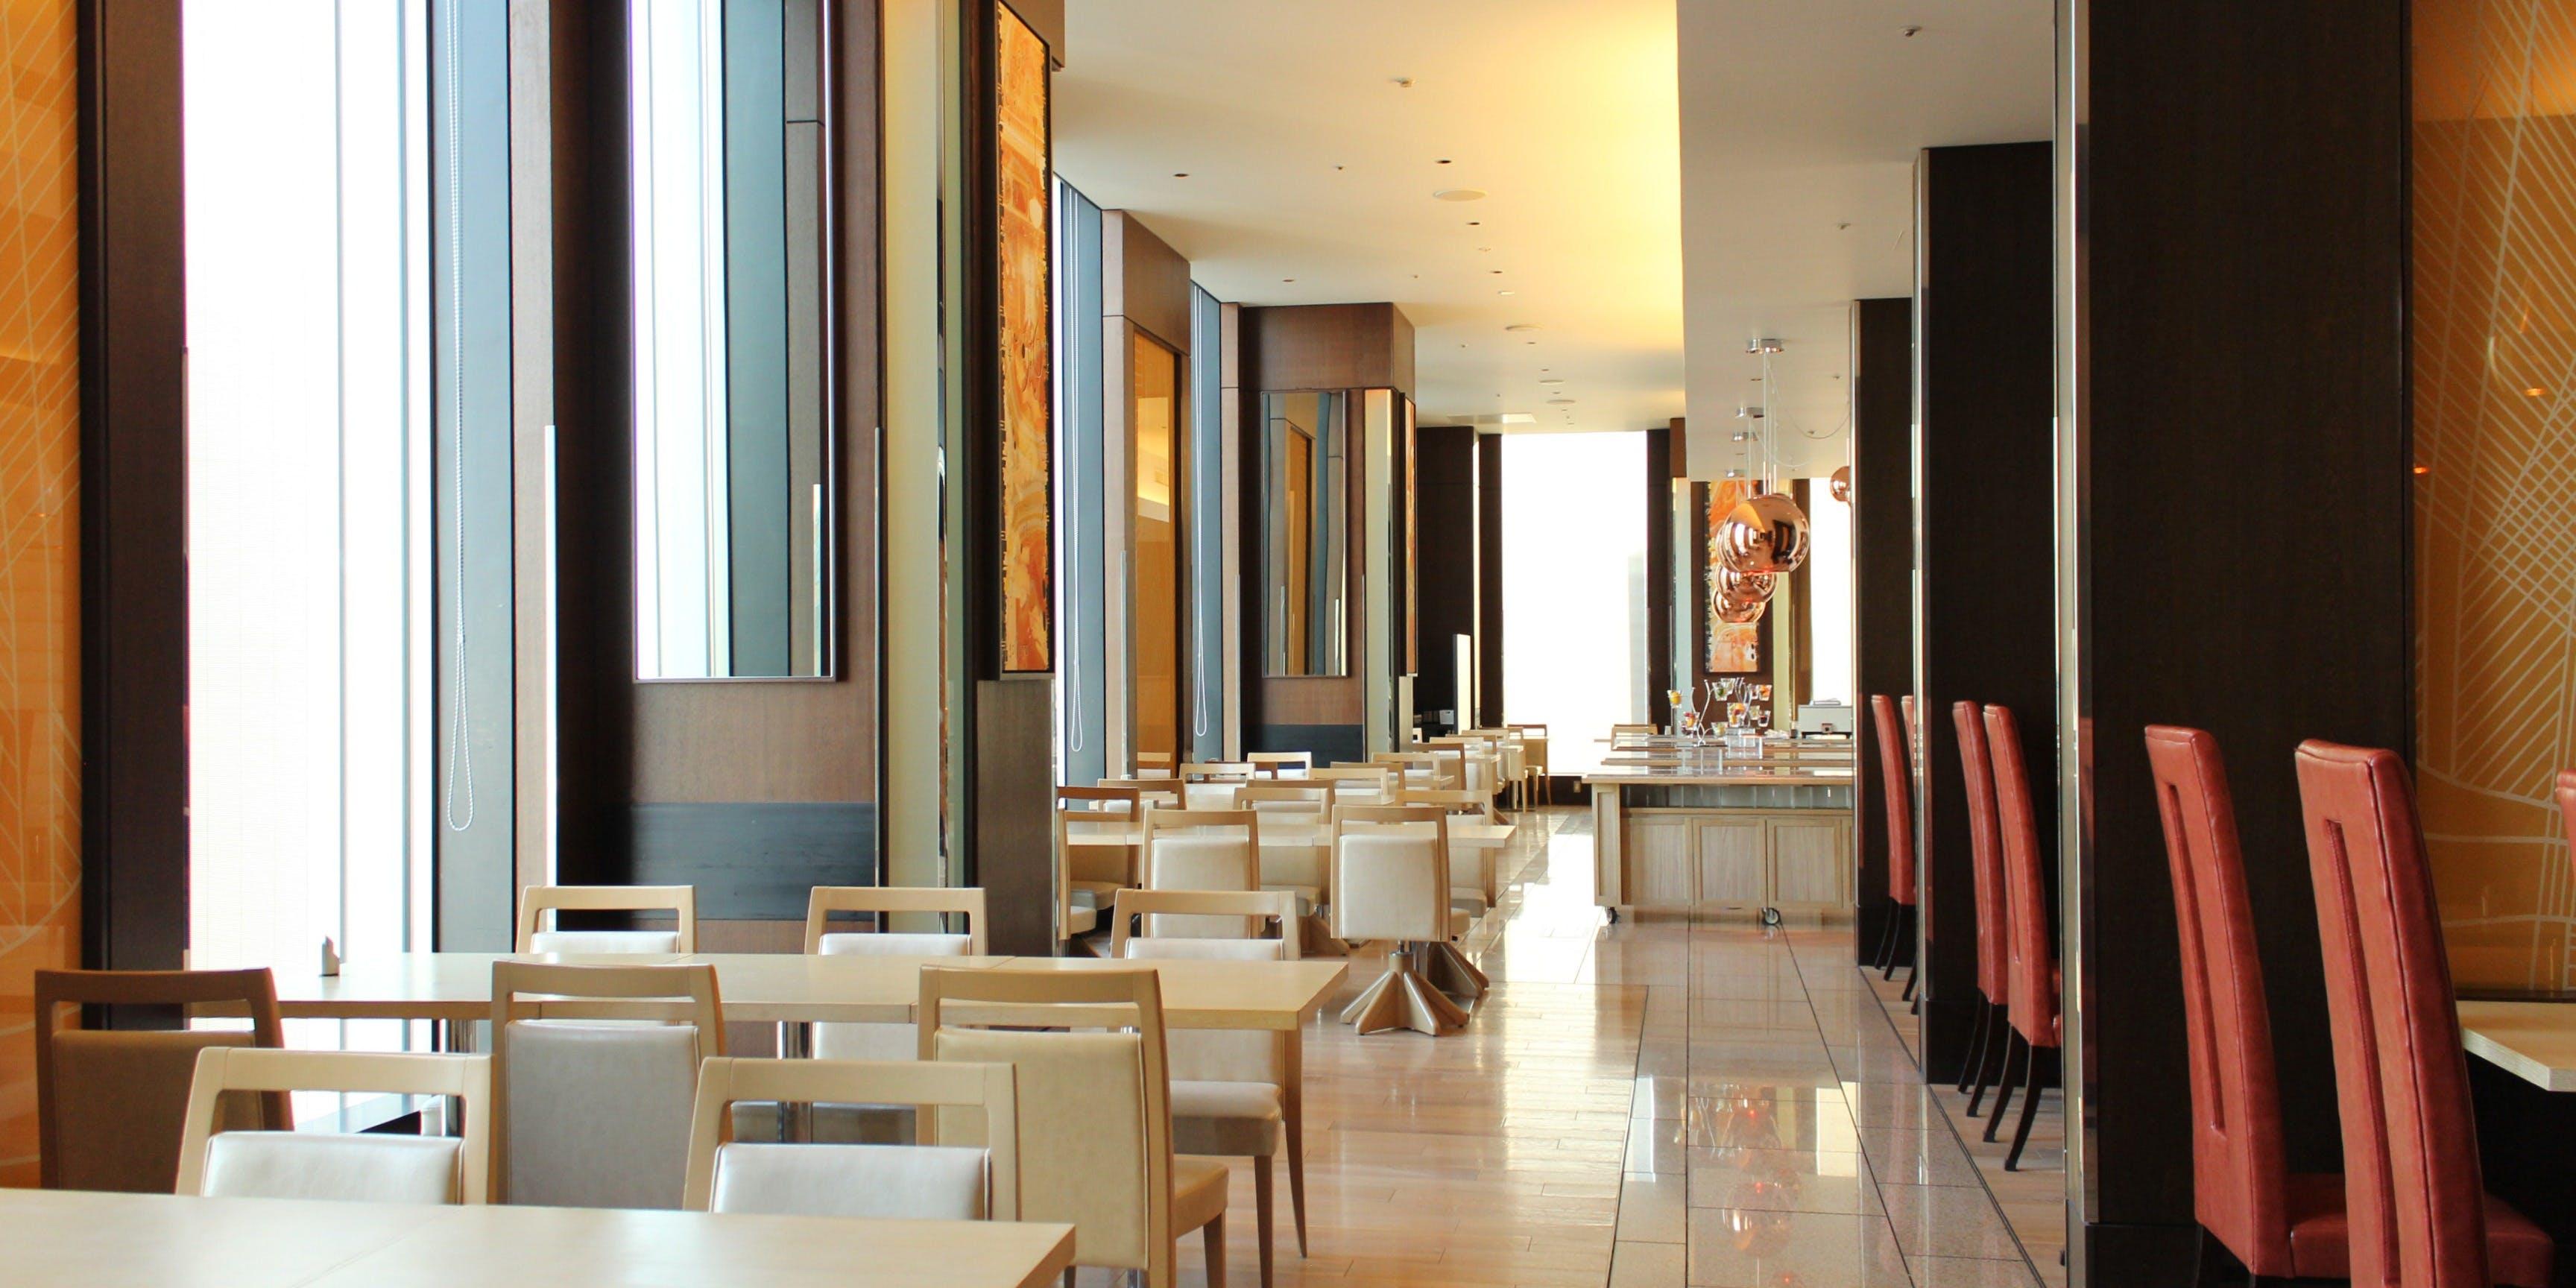 記念日におすすめのレストラン・レストラン ハーモニー/THE BARの写真1